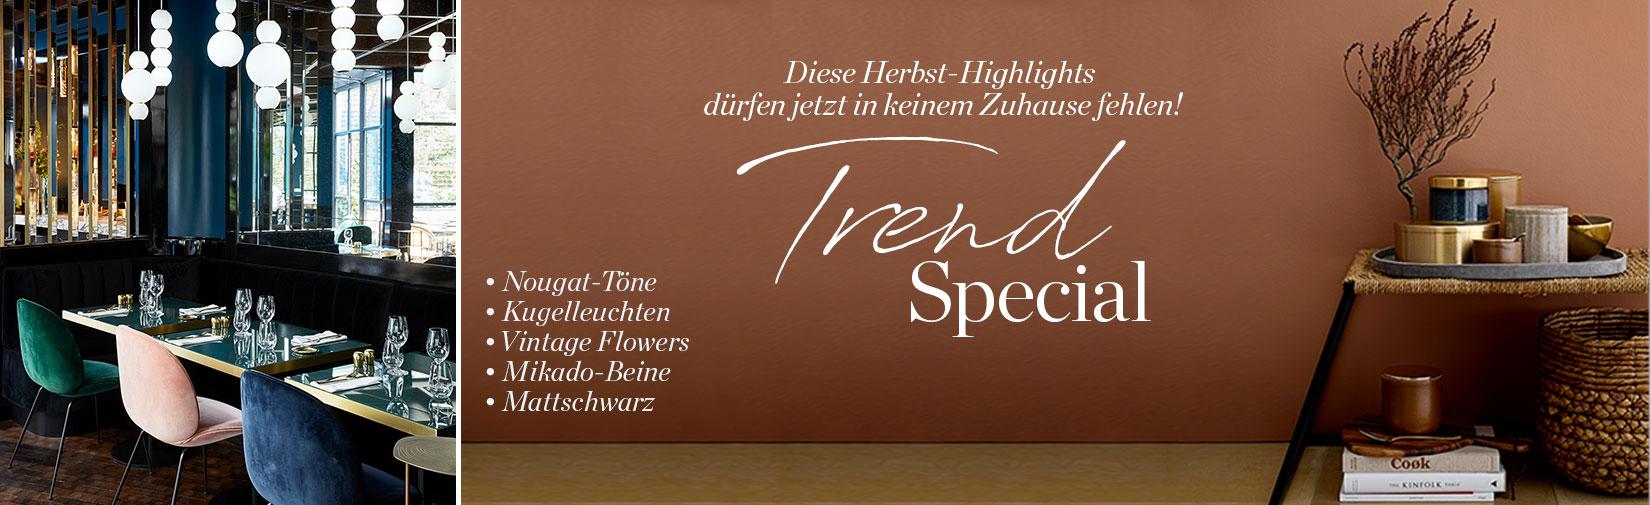 Trend_Special_Desktop